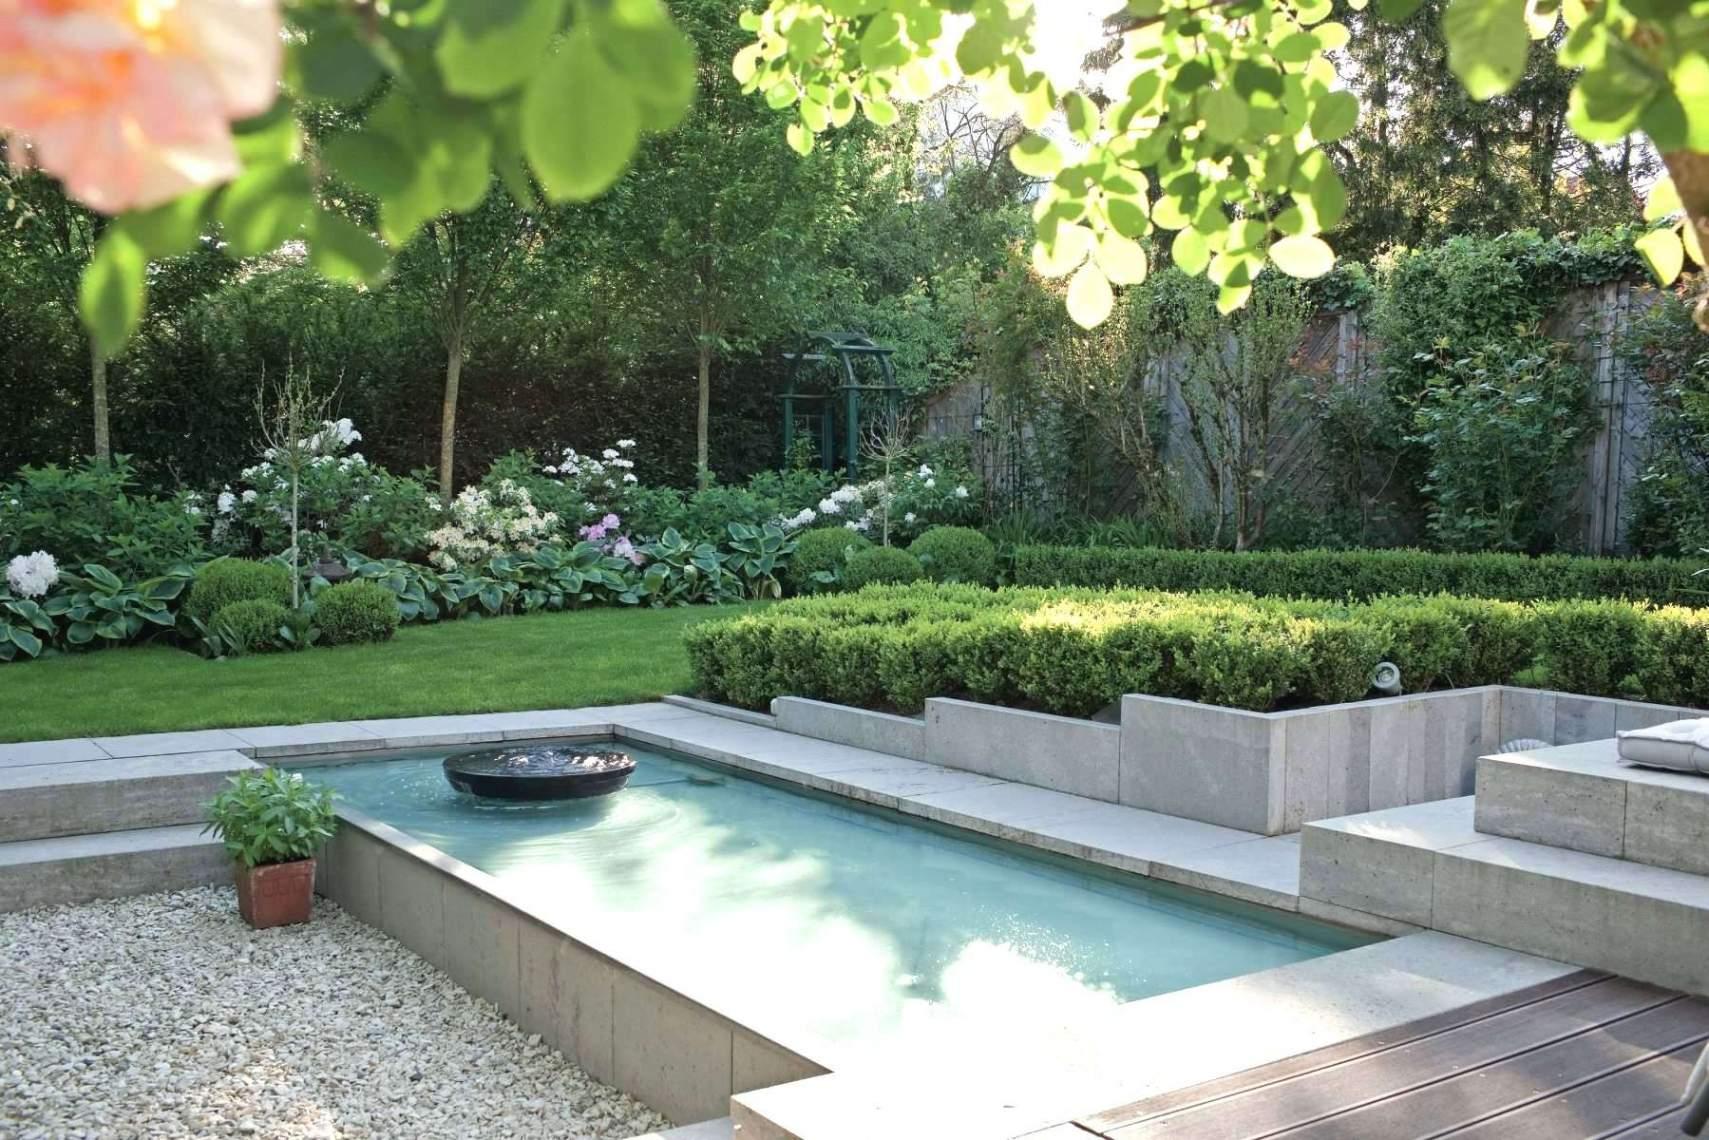 garten gestalten ideen reizend formaler reihenhausgarten 0d design schattige ecken im garten gestalten schattige ecken im garten gestalten